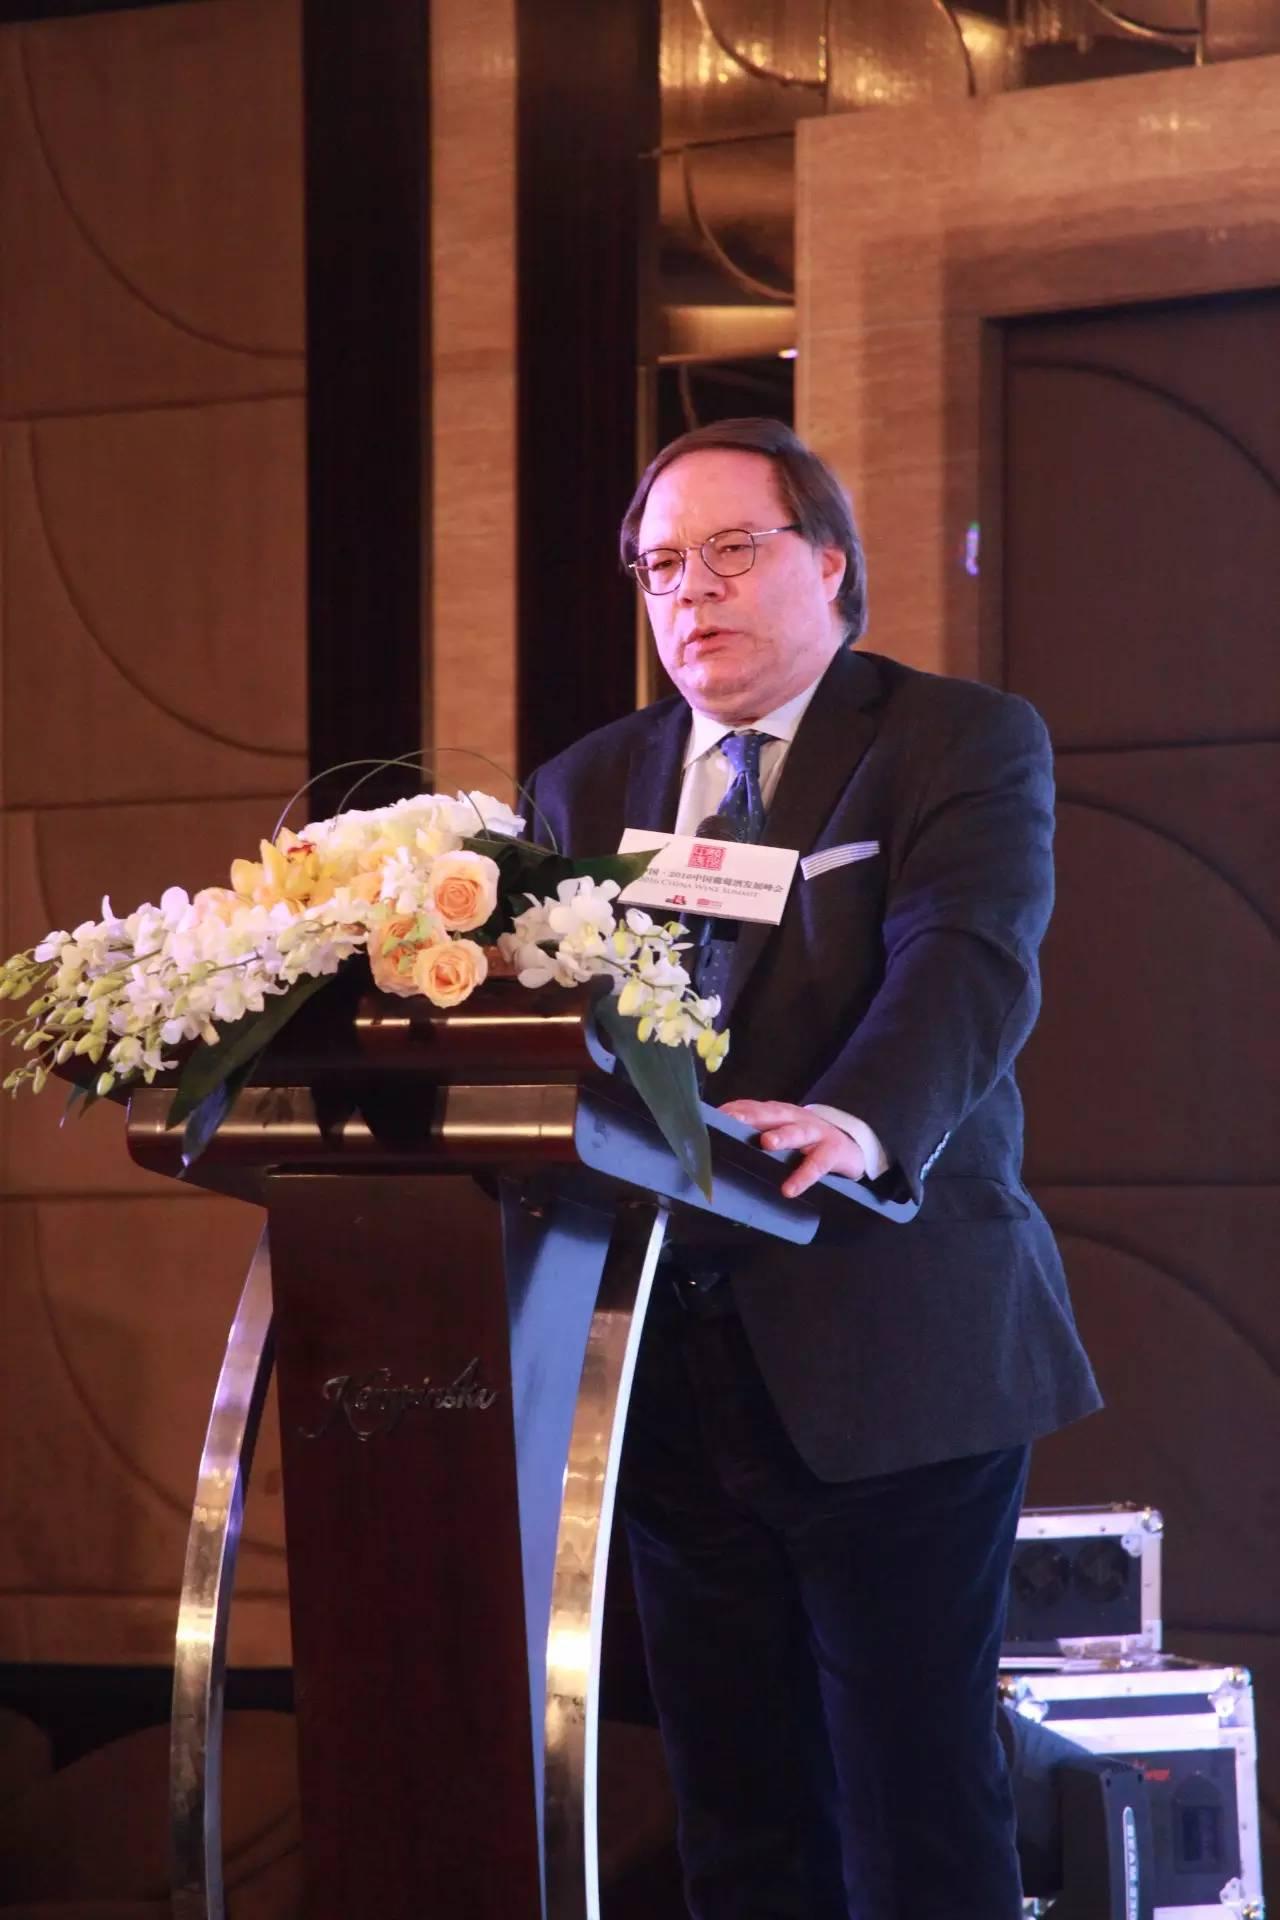 伊安·达加塔(Ian D' Agata)大师在峰会论坛上发言